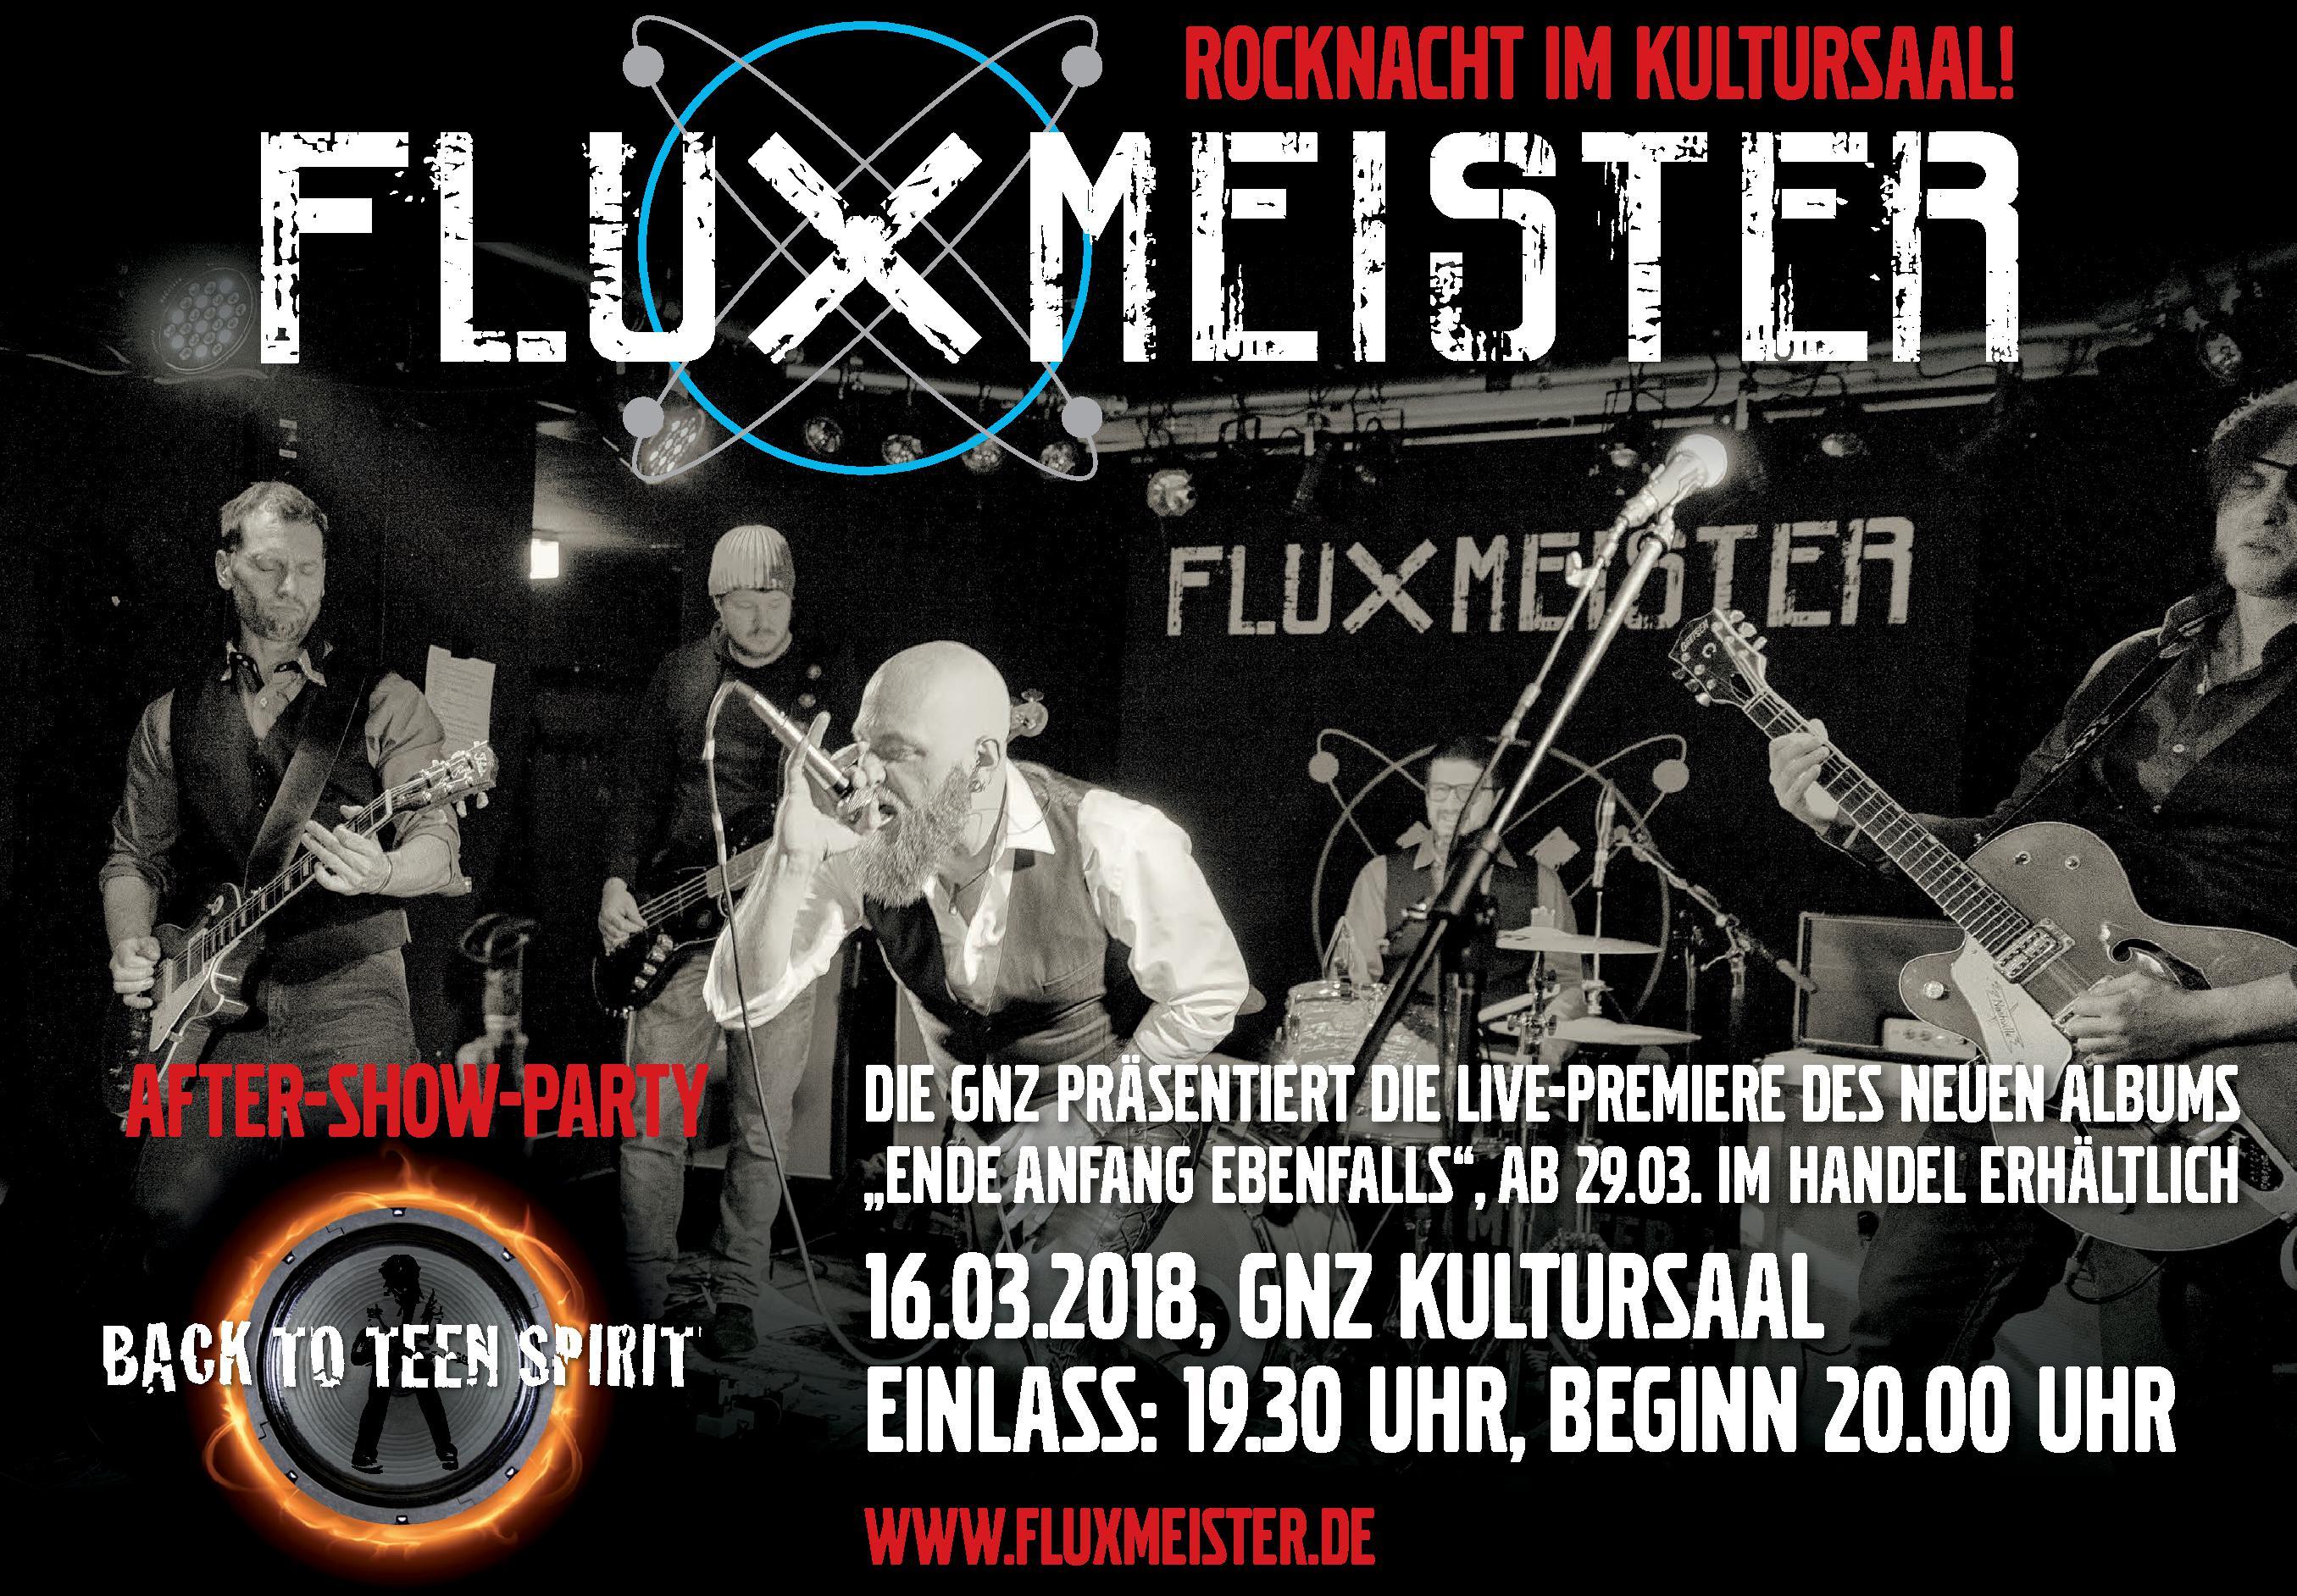 http://www.fluxmeister.de/wp-content/uploads/2018/01/Plakat_Flux_4_quer.jpg